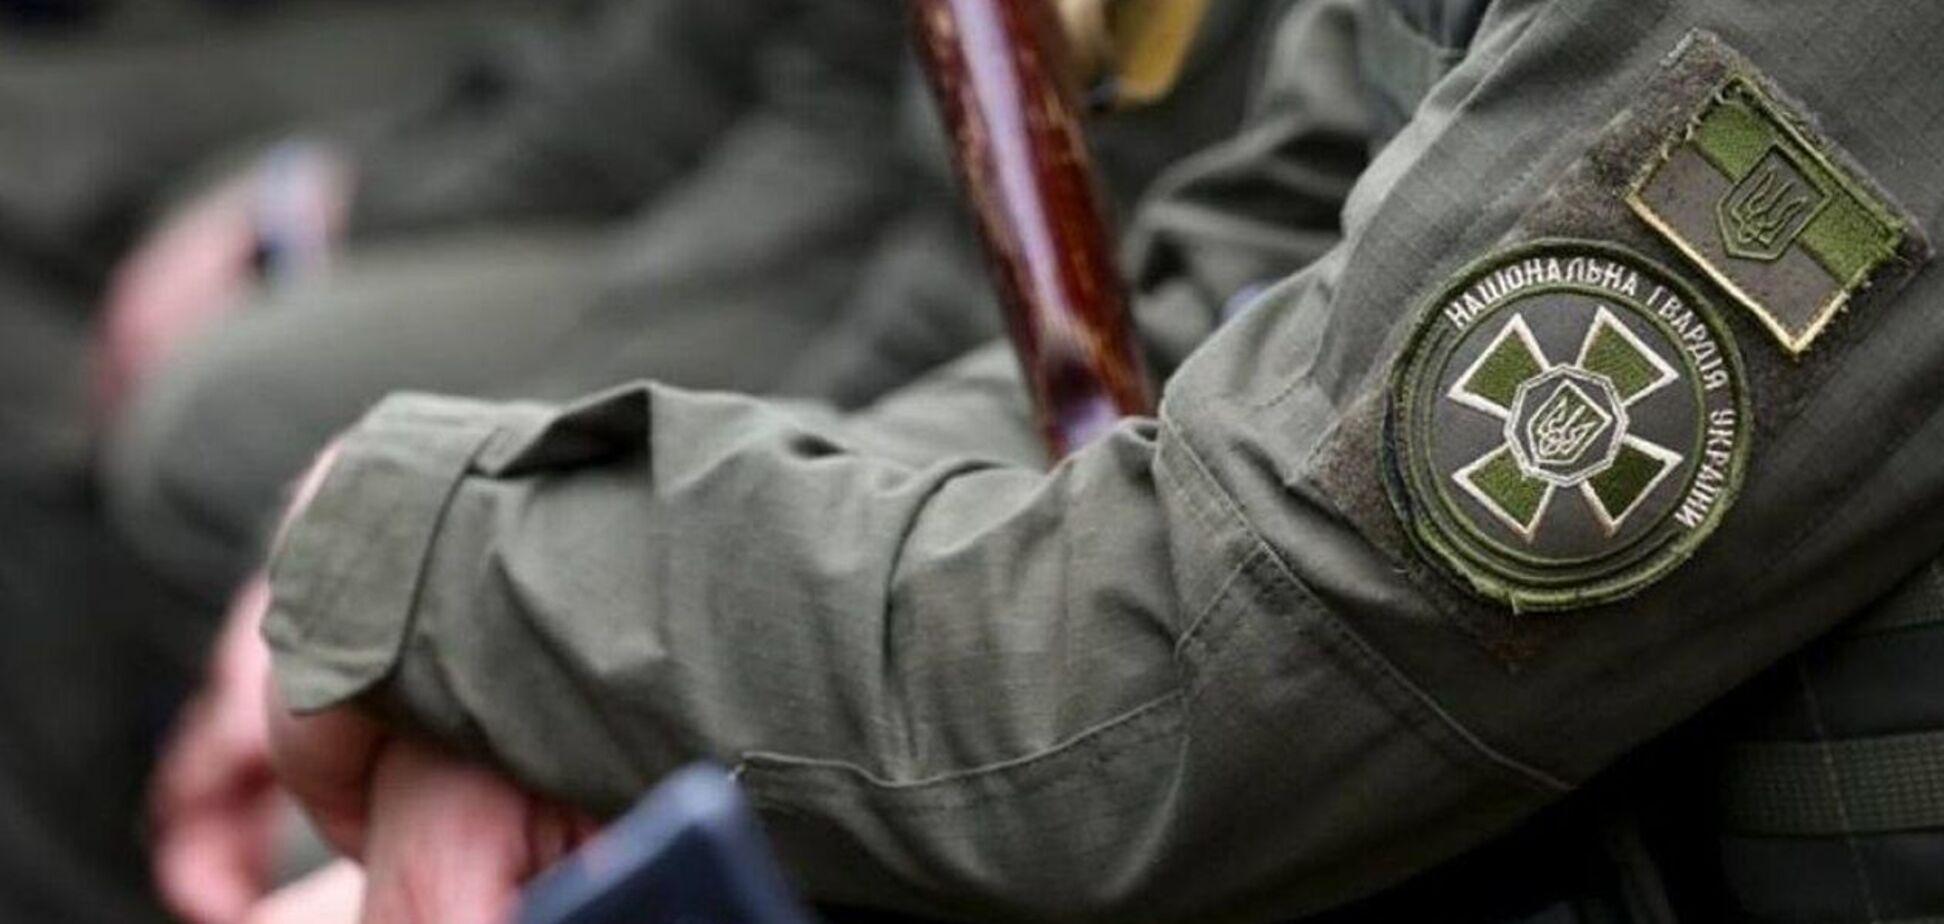 Гвардійці у Львові затримали вбивцю гарячимислідами